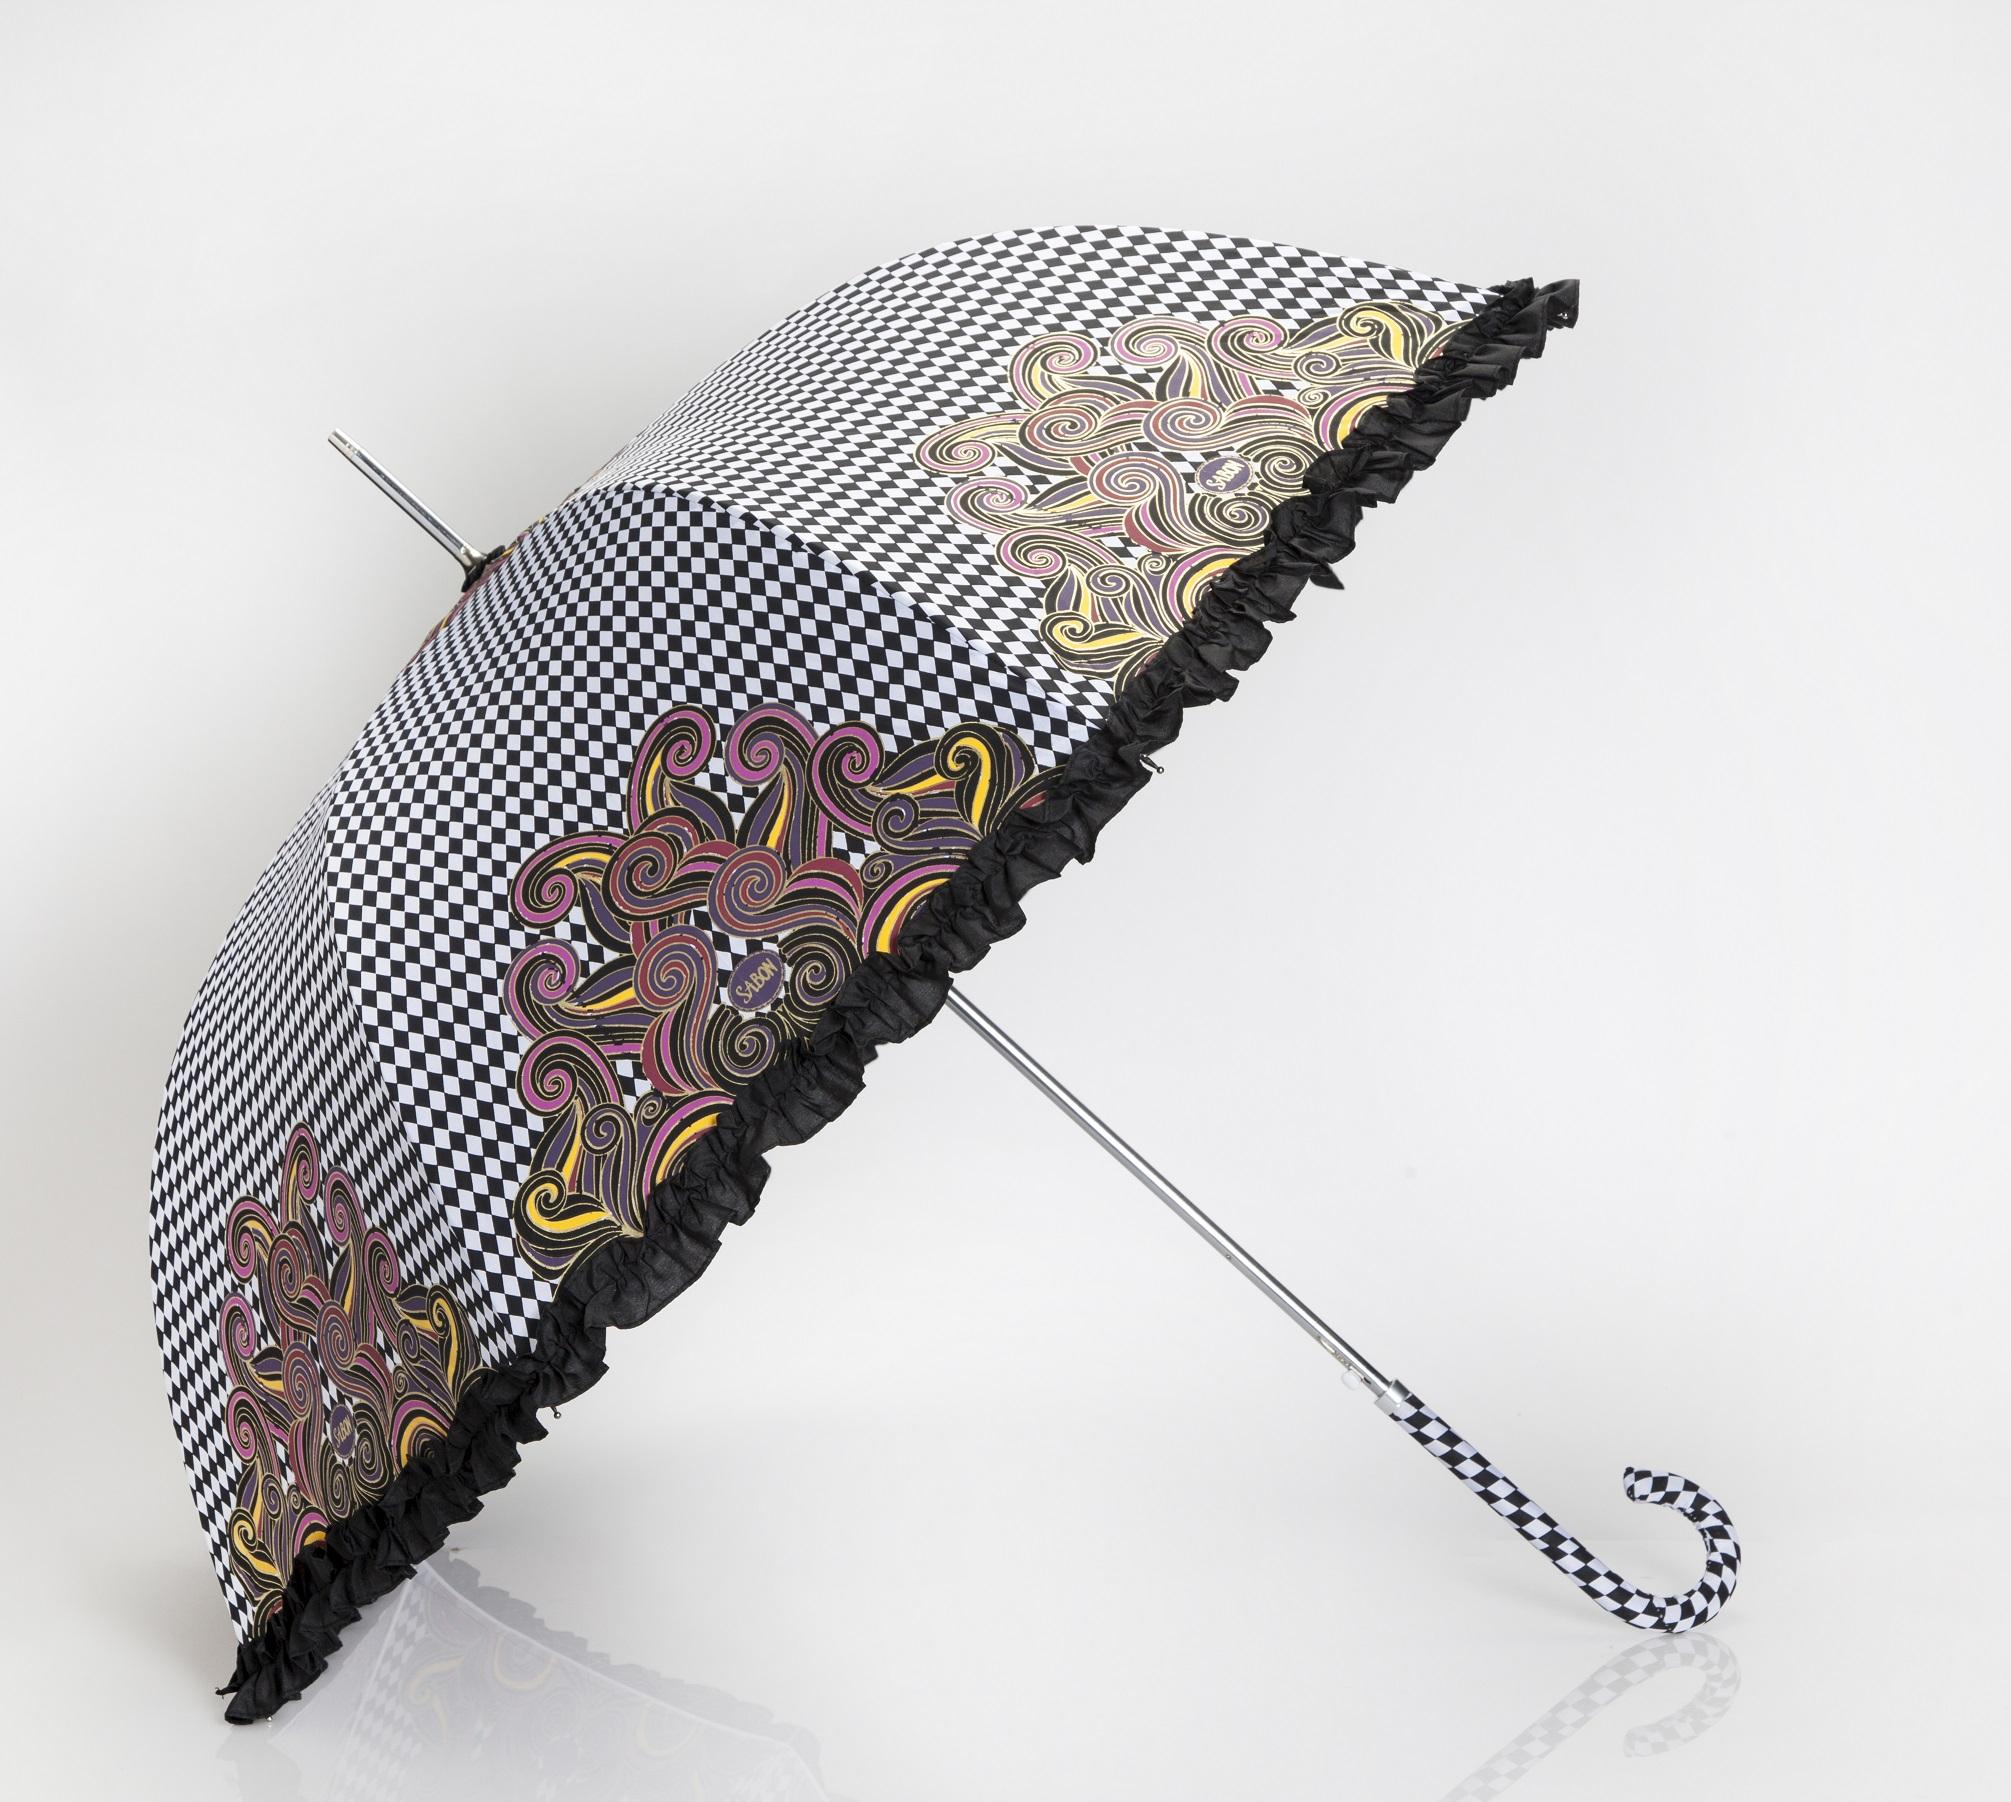 Что нам дождик проливной: новый дизайнерский зонт от Sabon